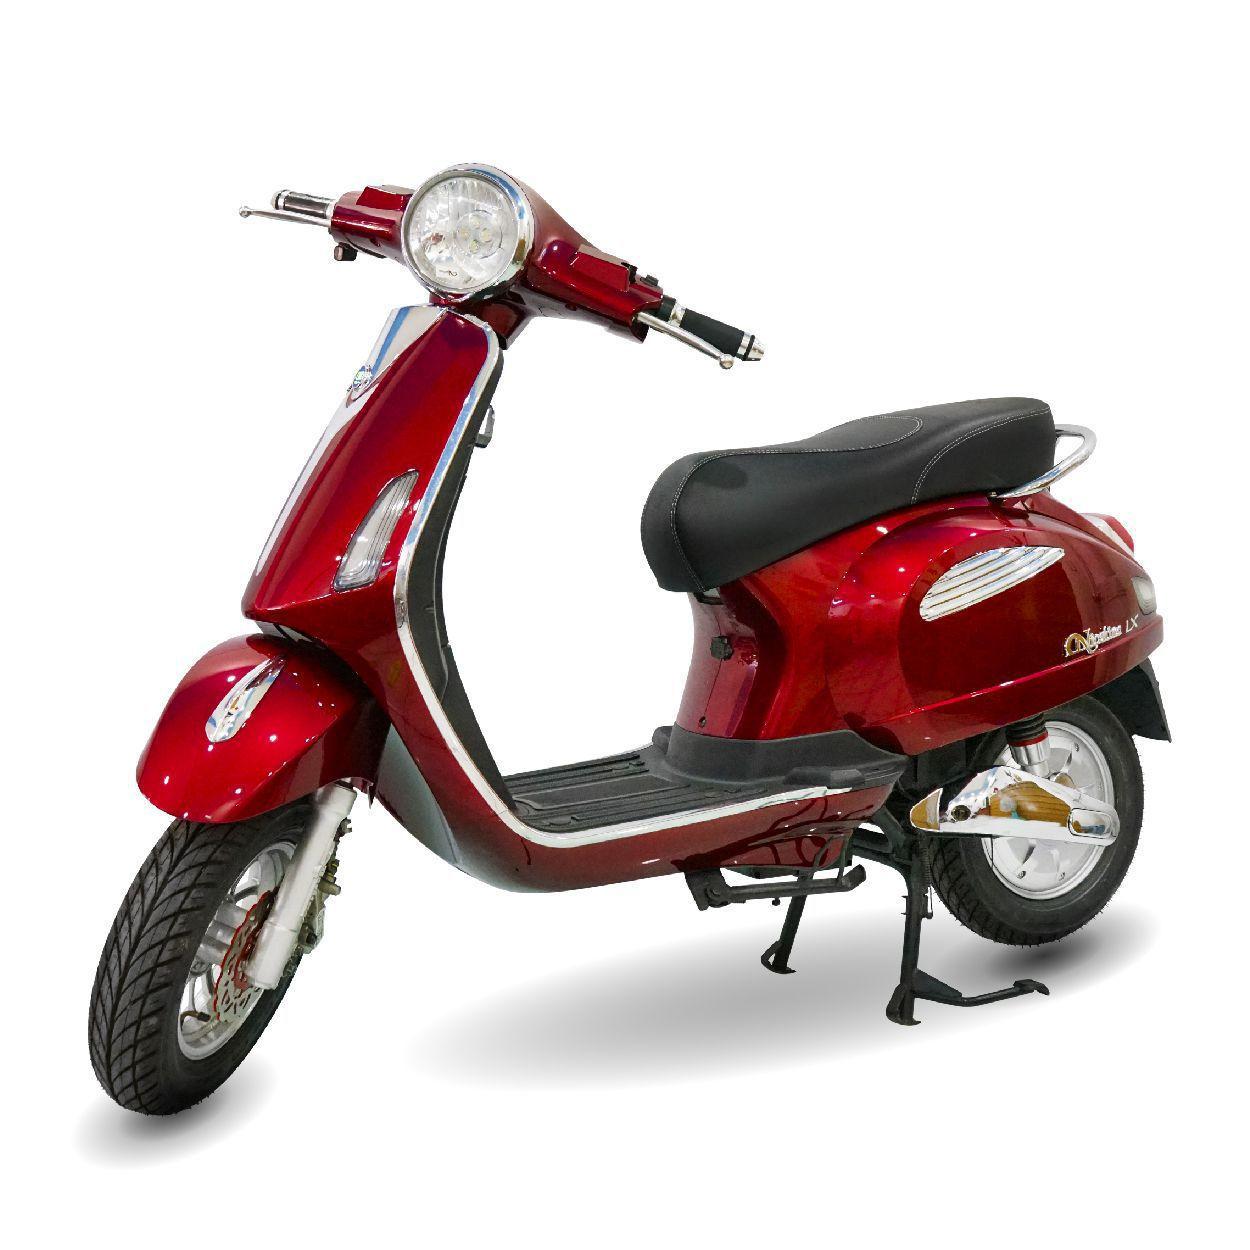 Xe máy điện Nioshima LX màu đỏ nổi bật giữa đám đông